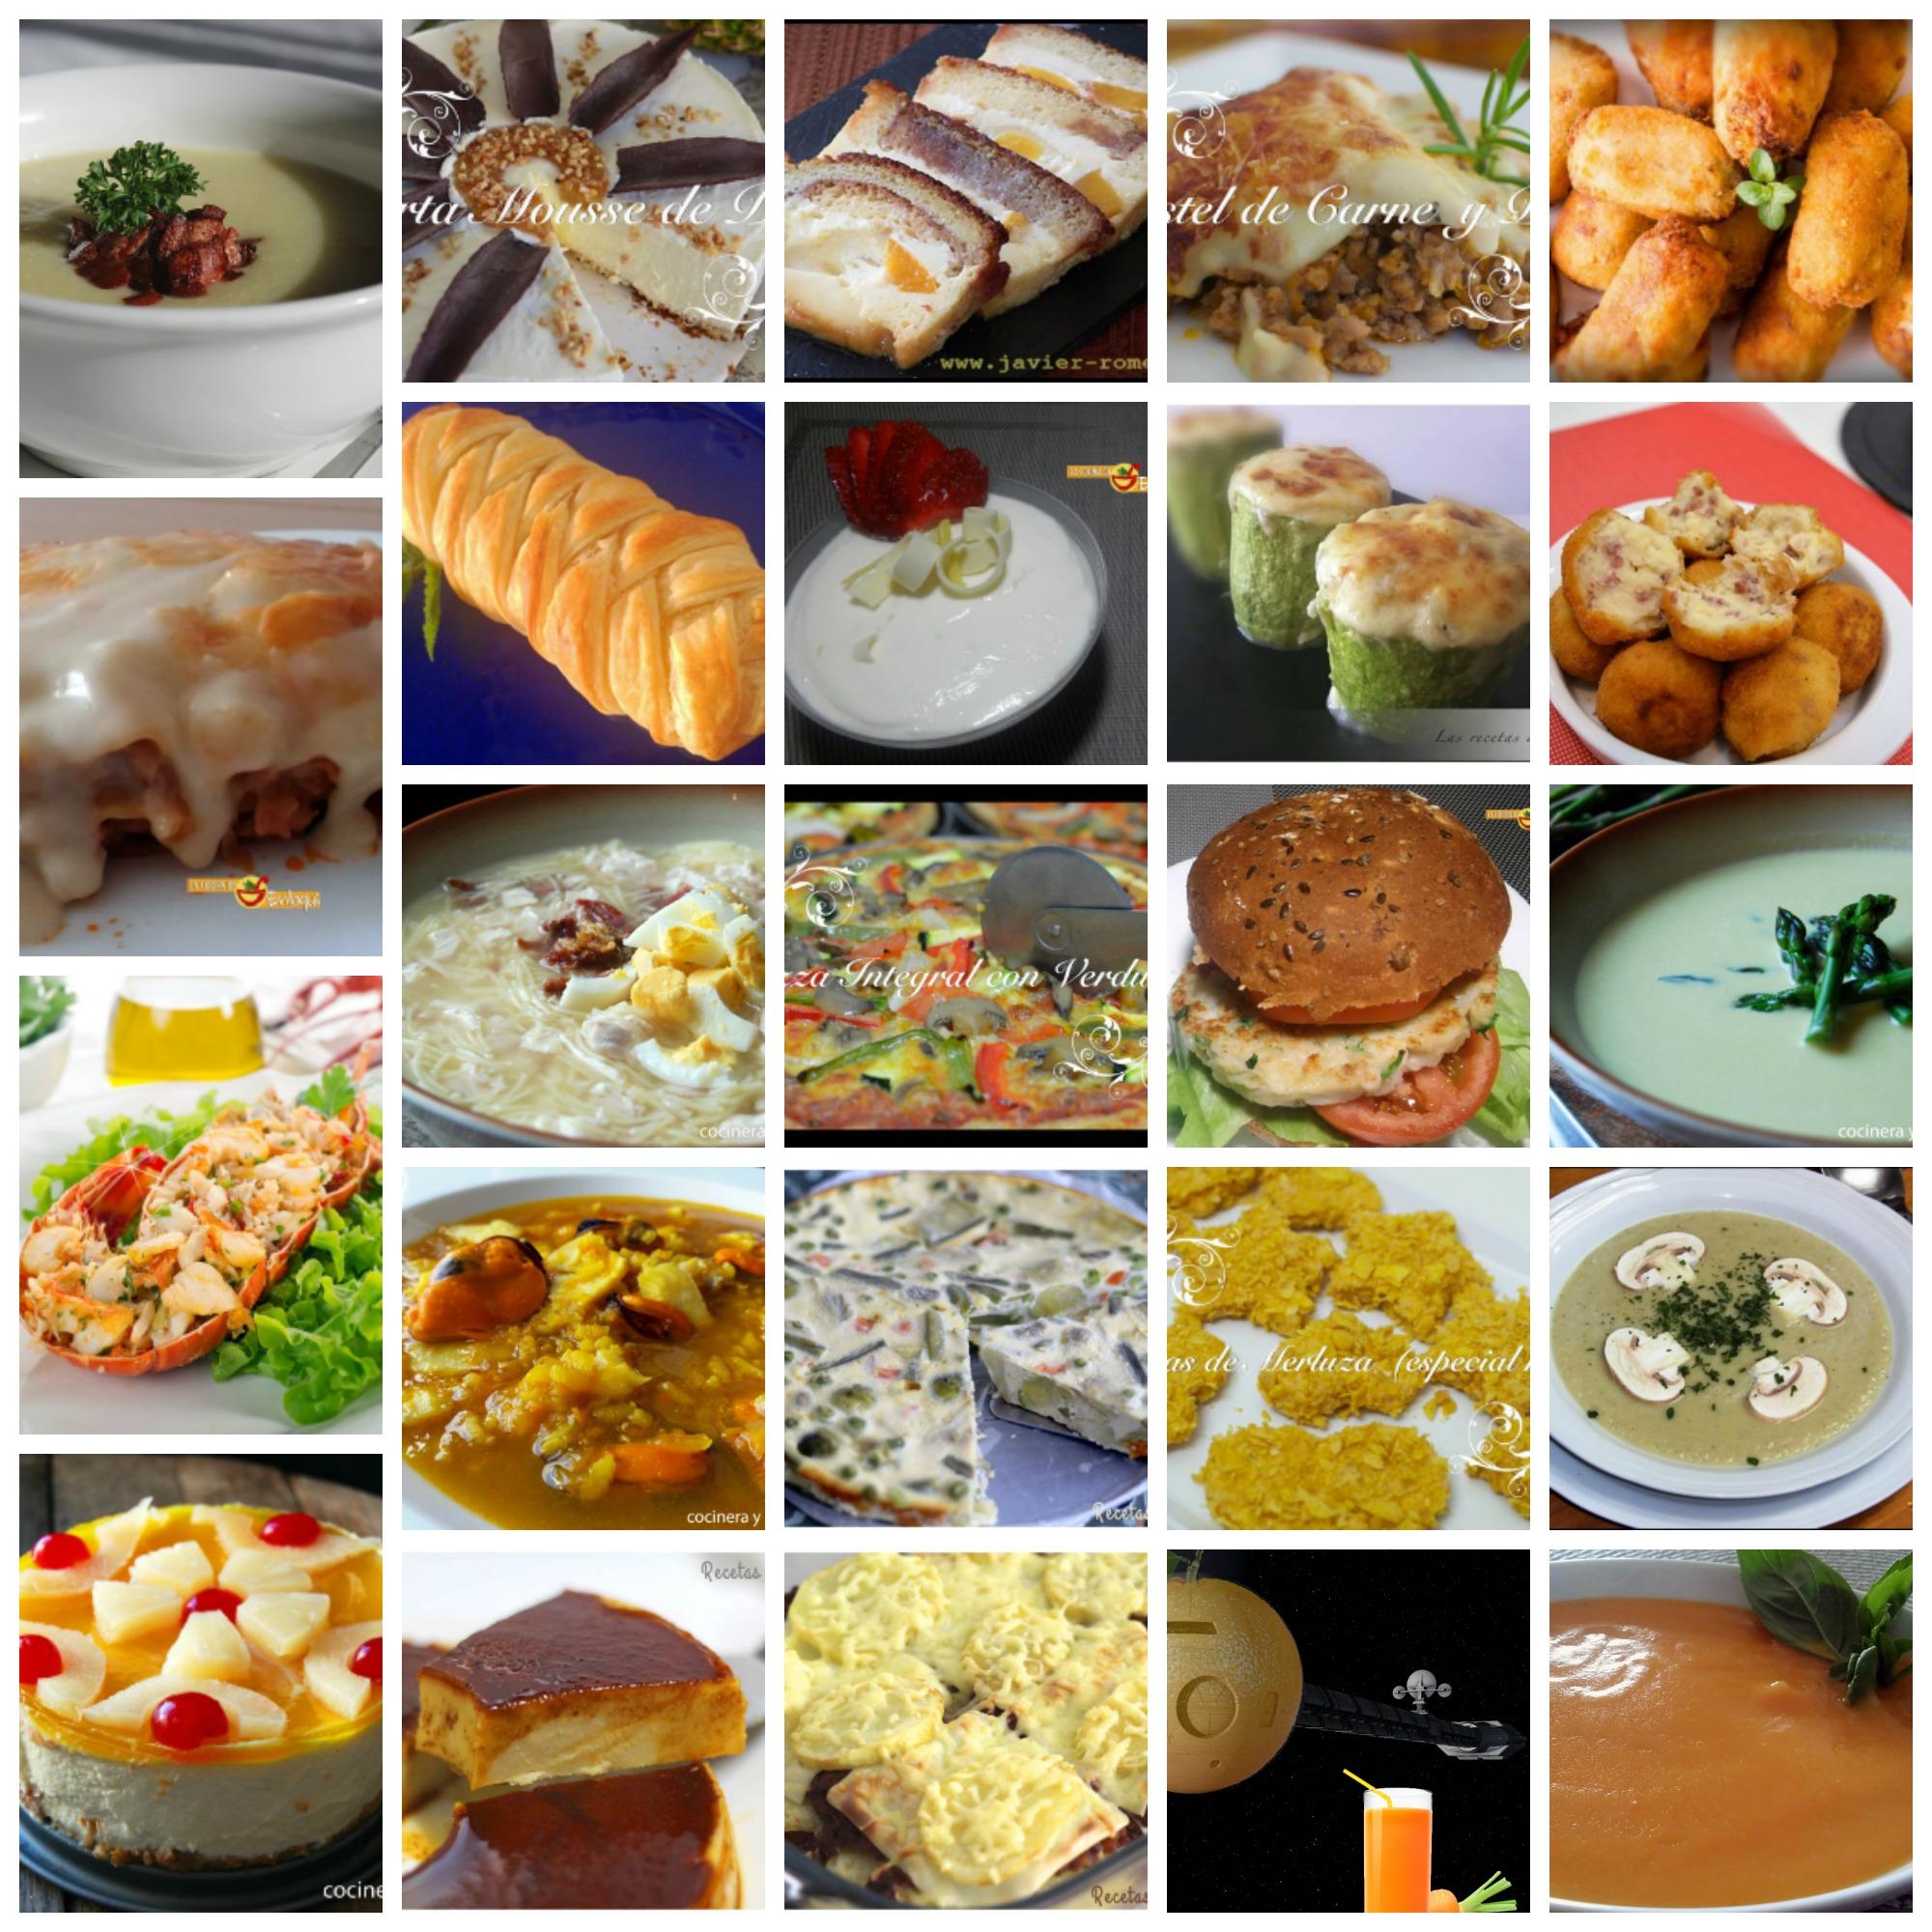 Cocina aprovechamiento la cocina de enloqui for Cocina de aprovechamiento